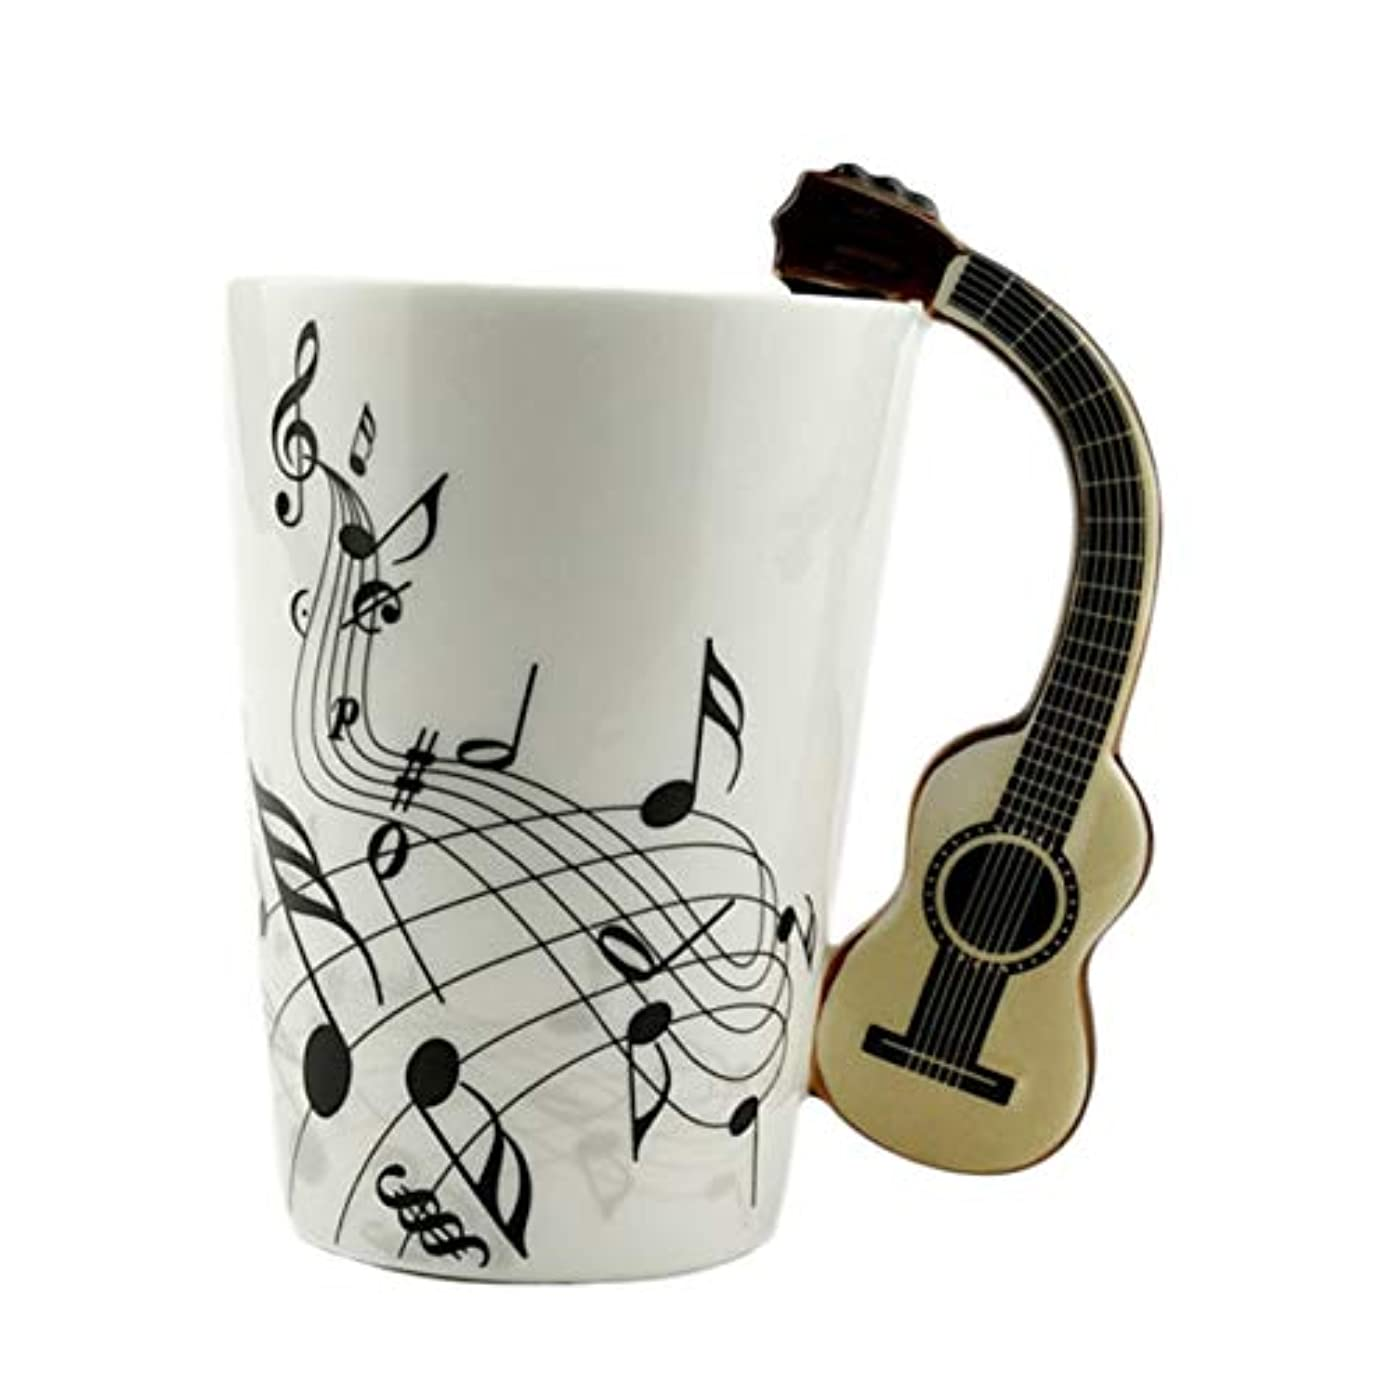 ダウンタウン特許警戒Saikogoods ノベルティアートセラミックマグカップ楽器は スタイルのコーヒーミルクカップクリスマスギフトホームオフィスカップ グラスに注意してください。 ホワイトボディギター